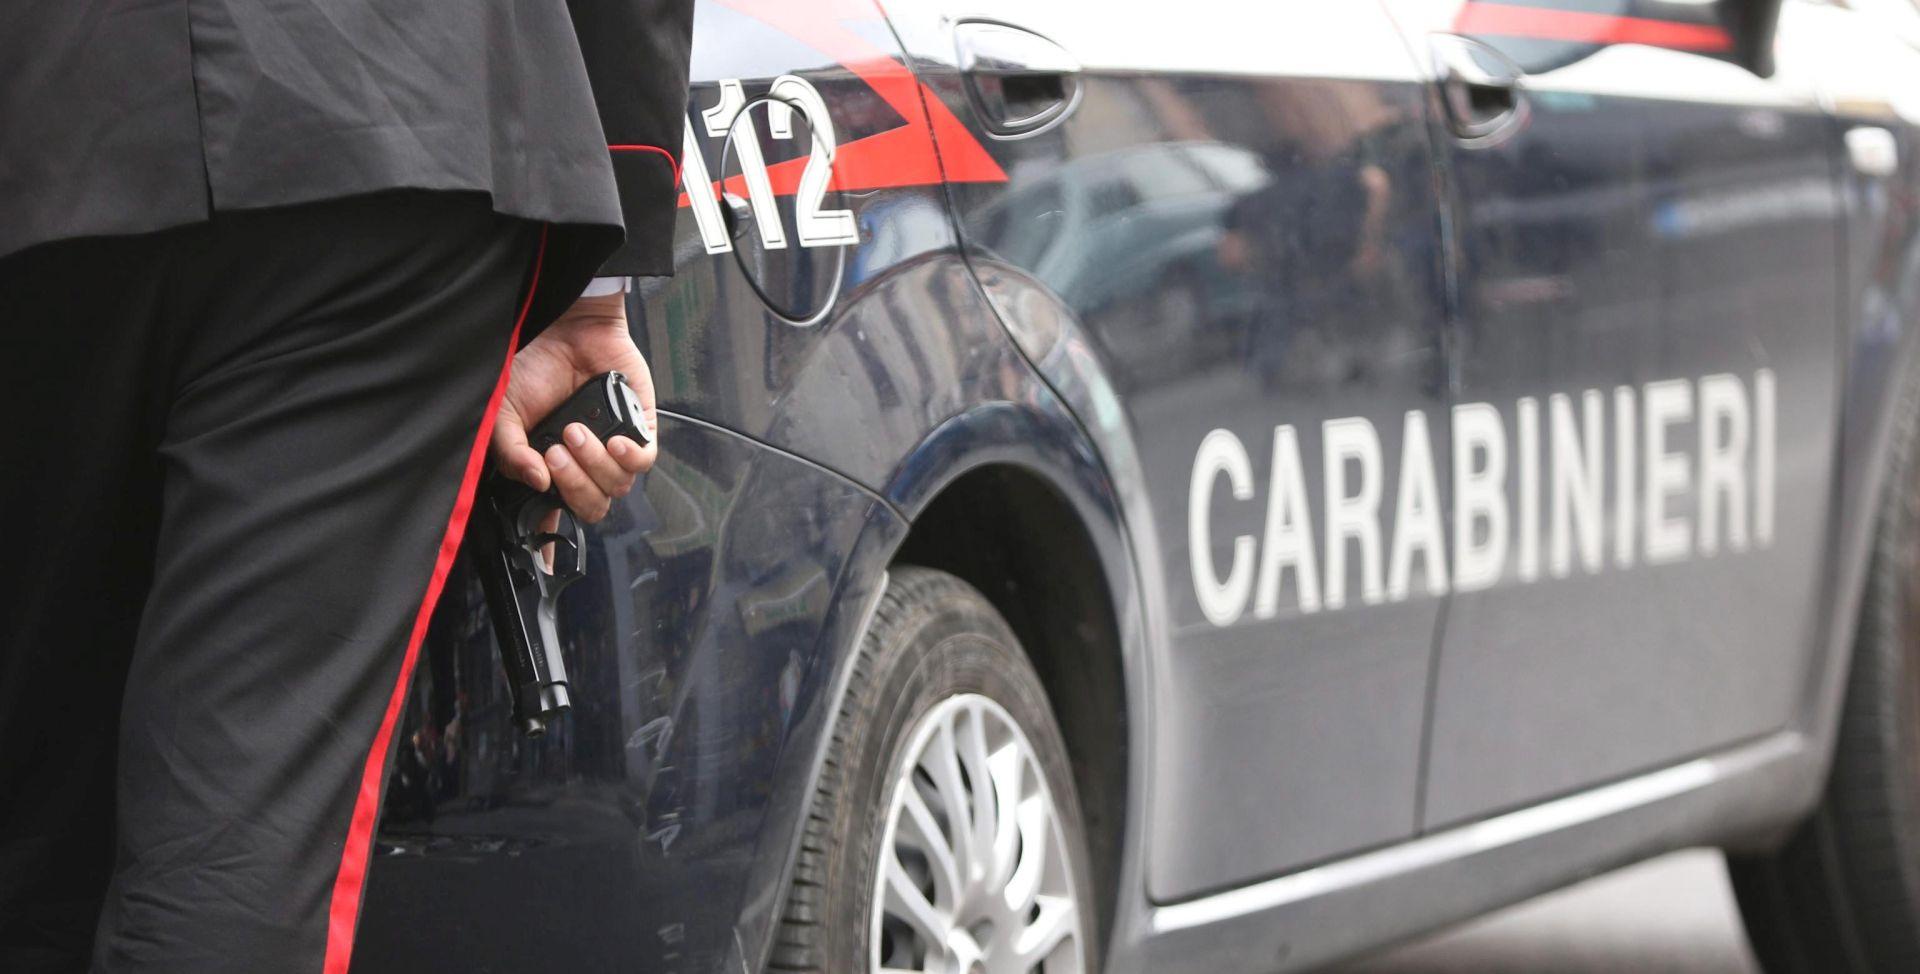 Uhićen 'Plesač', jedan od najopasnijih talijanskih mafijaša